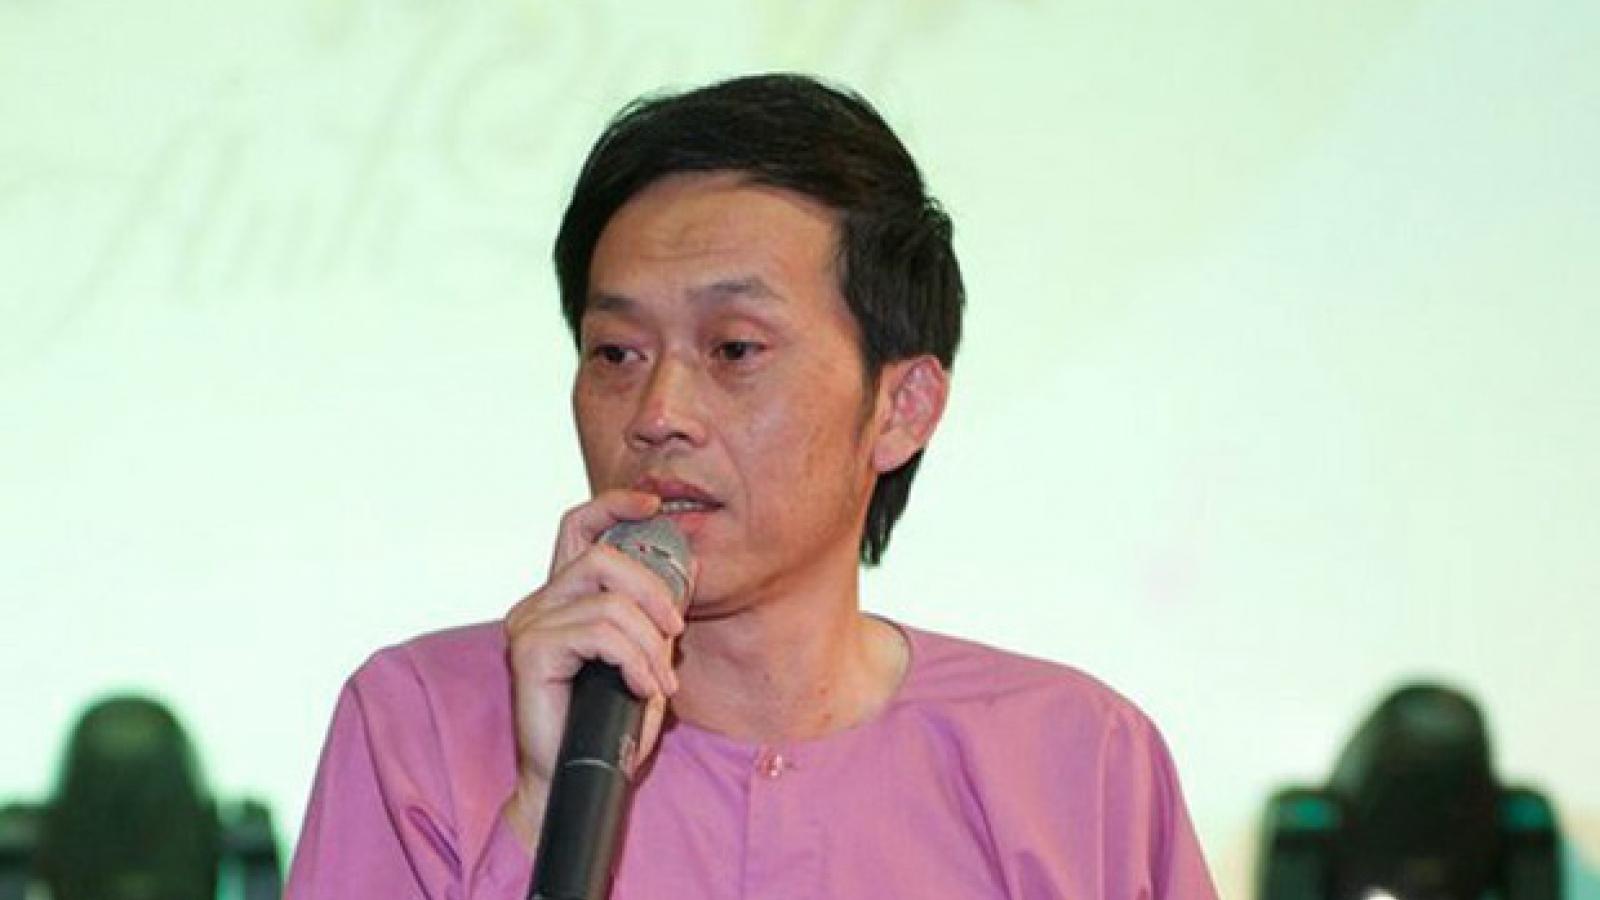 """Hoài Linh lên tiếng về số tiền 13 tỷ đồng: """"Tôi xin lỗi đồng bào miền Trung vì chậm trễ"""""""